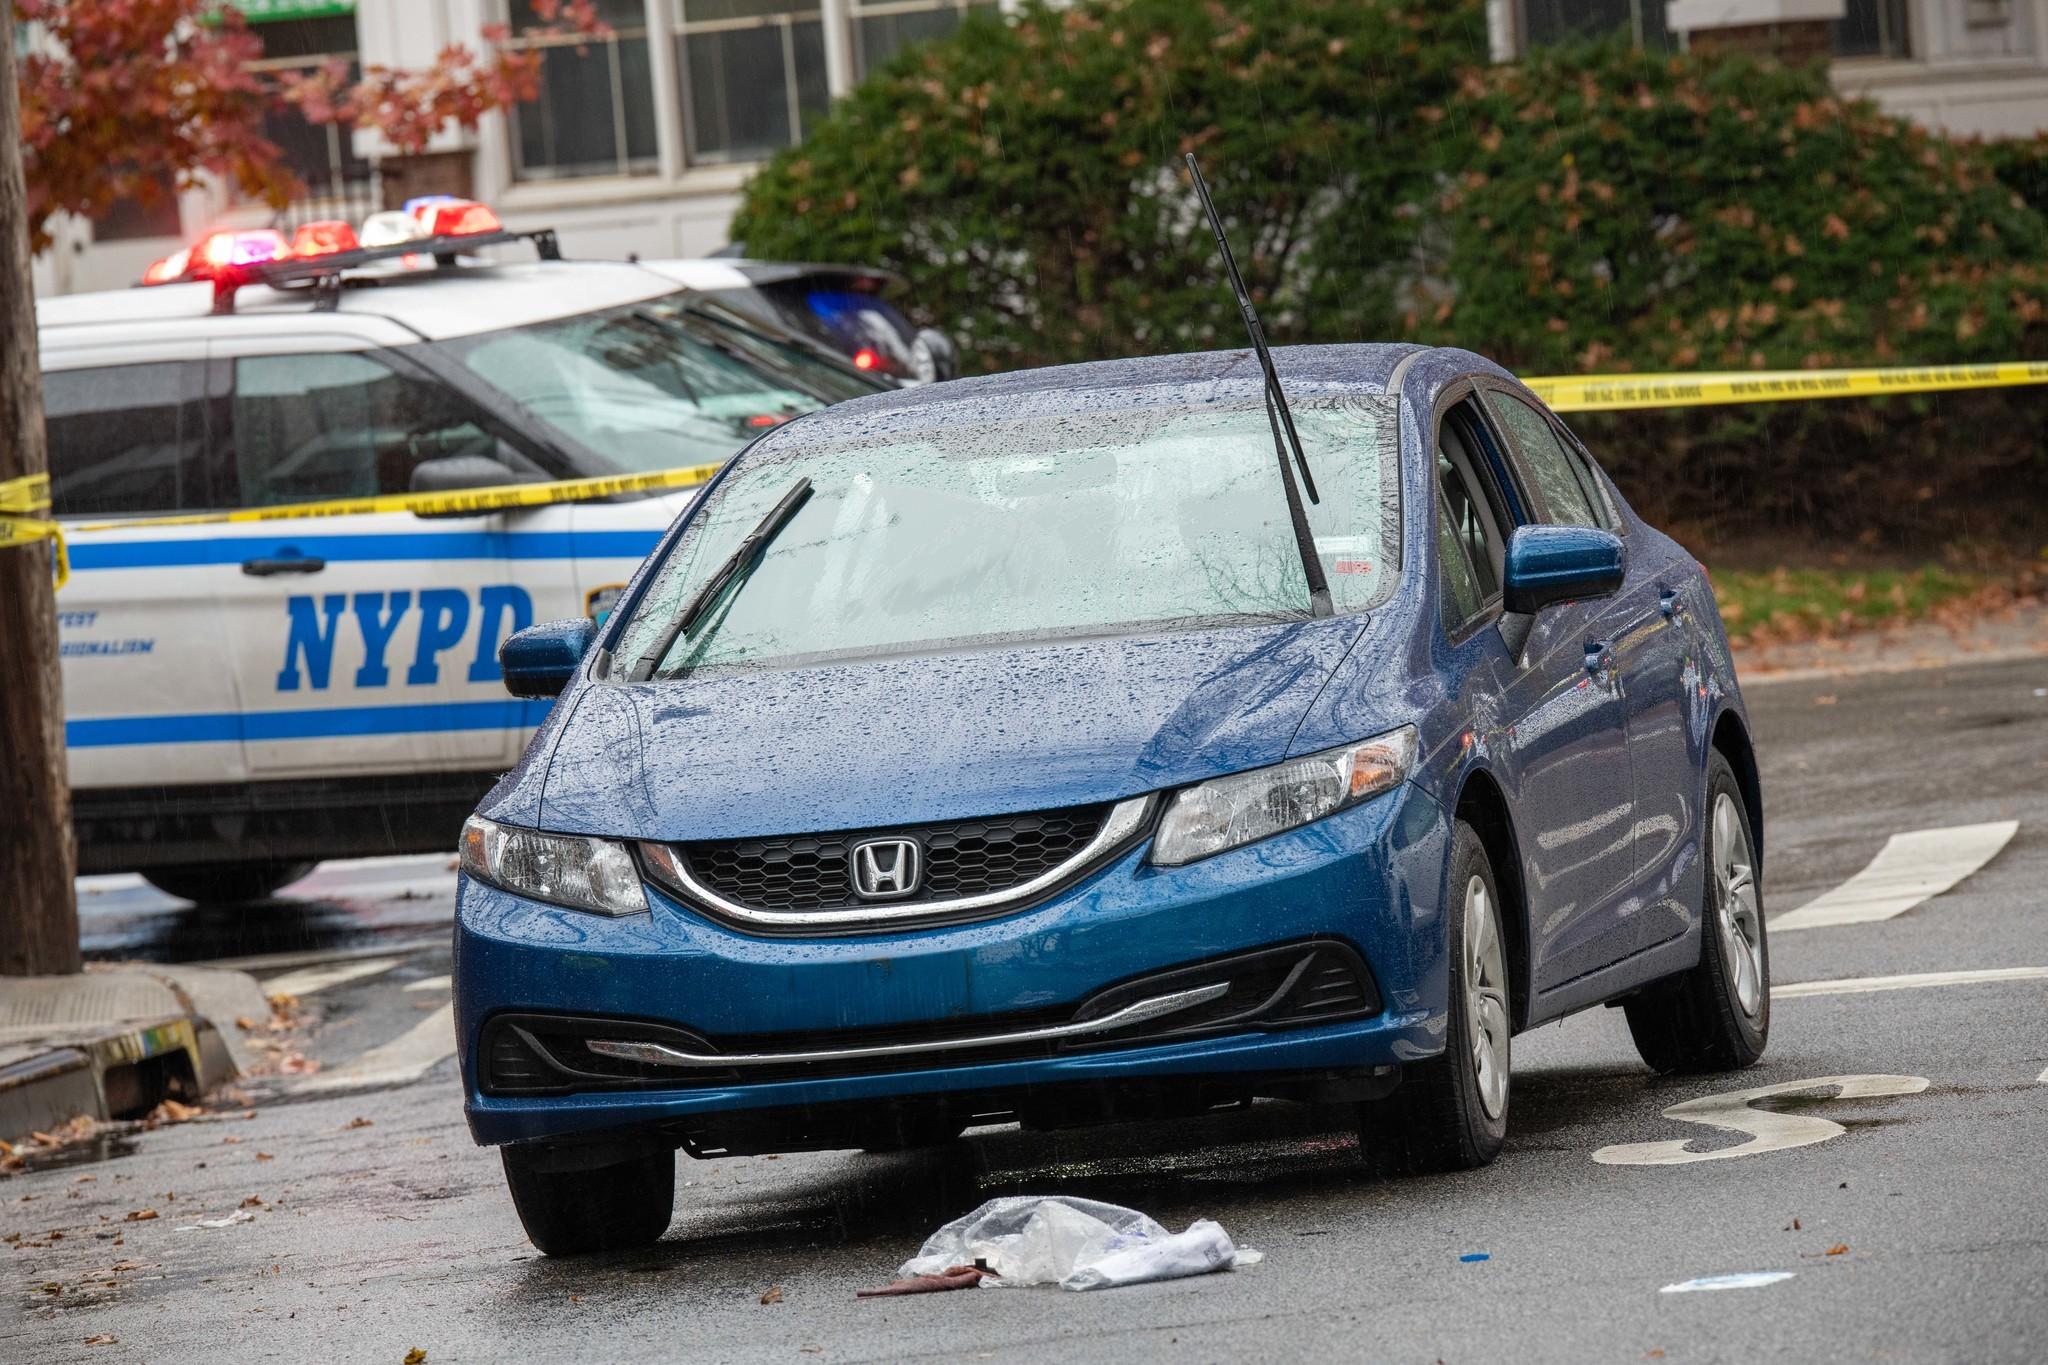 Woman, 80, fatally struck by car in Queens crosswalk